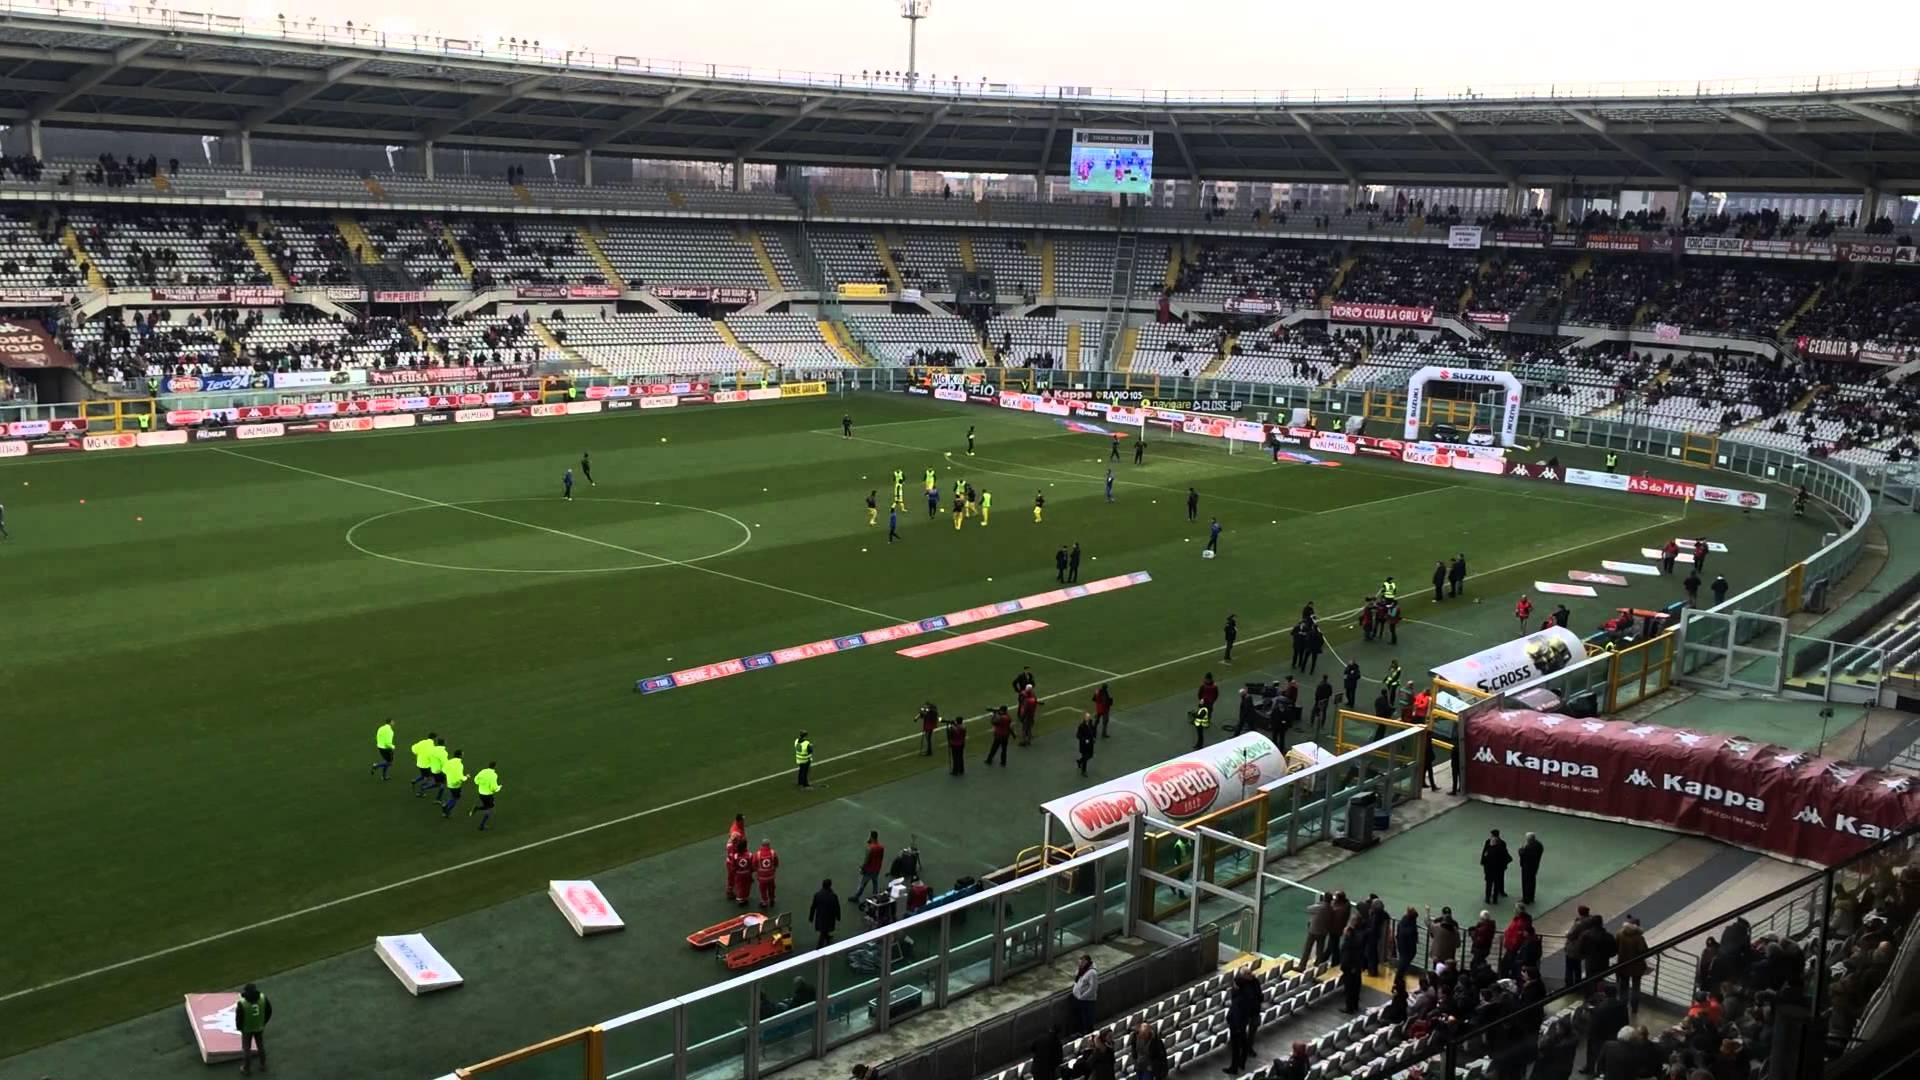 Diretta Torino-Inter dove vedere in tv e sul web gratis